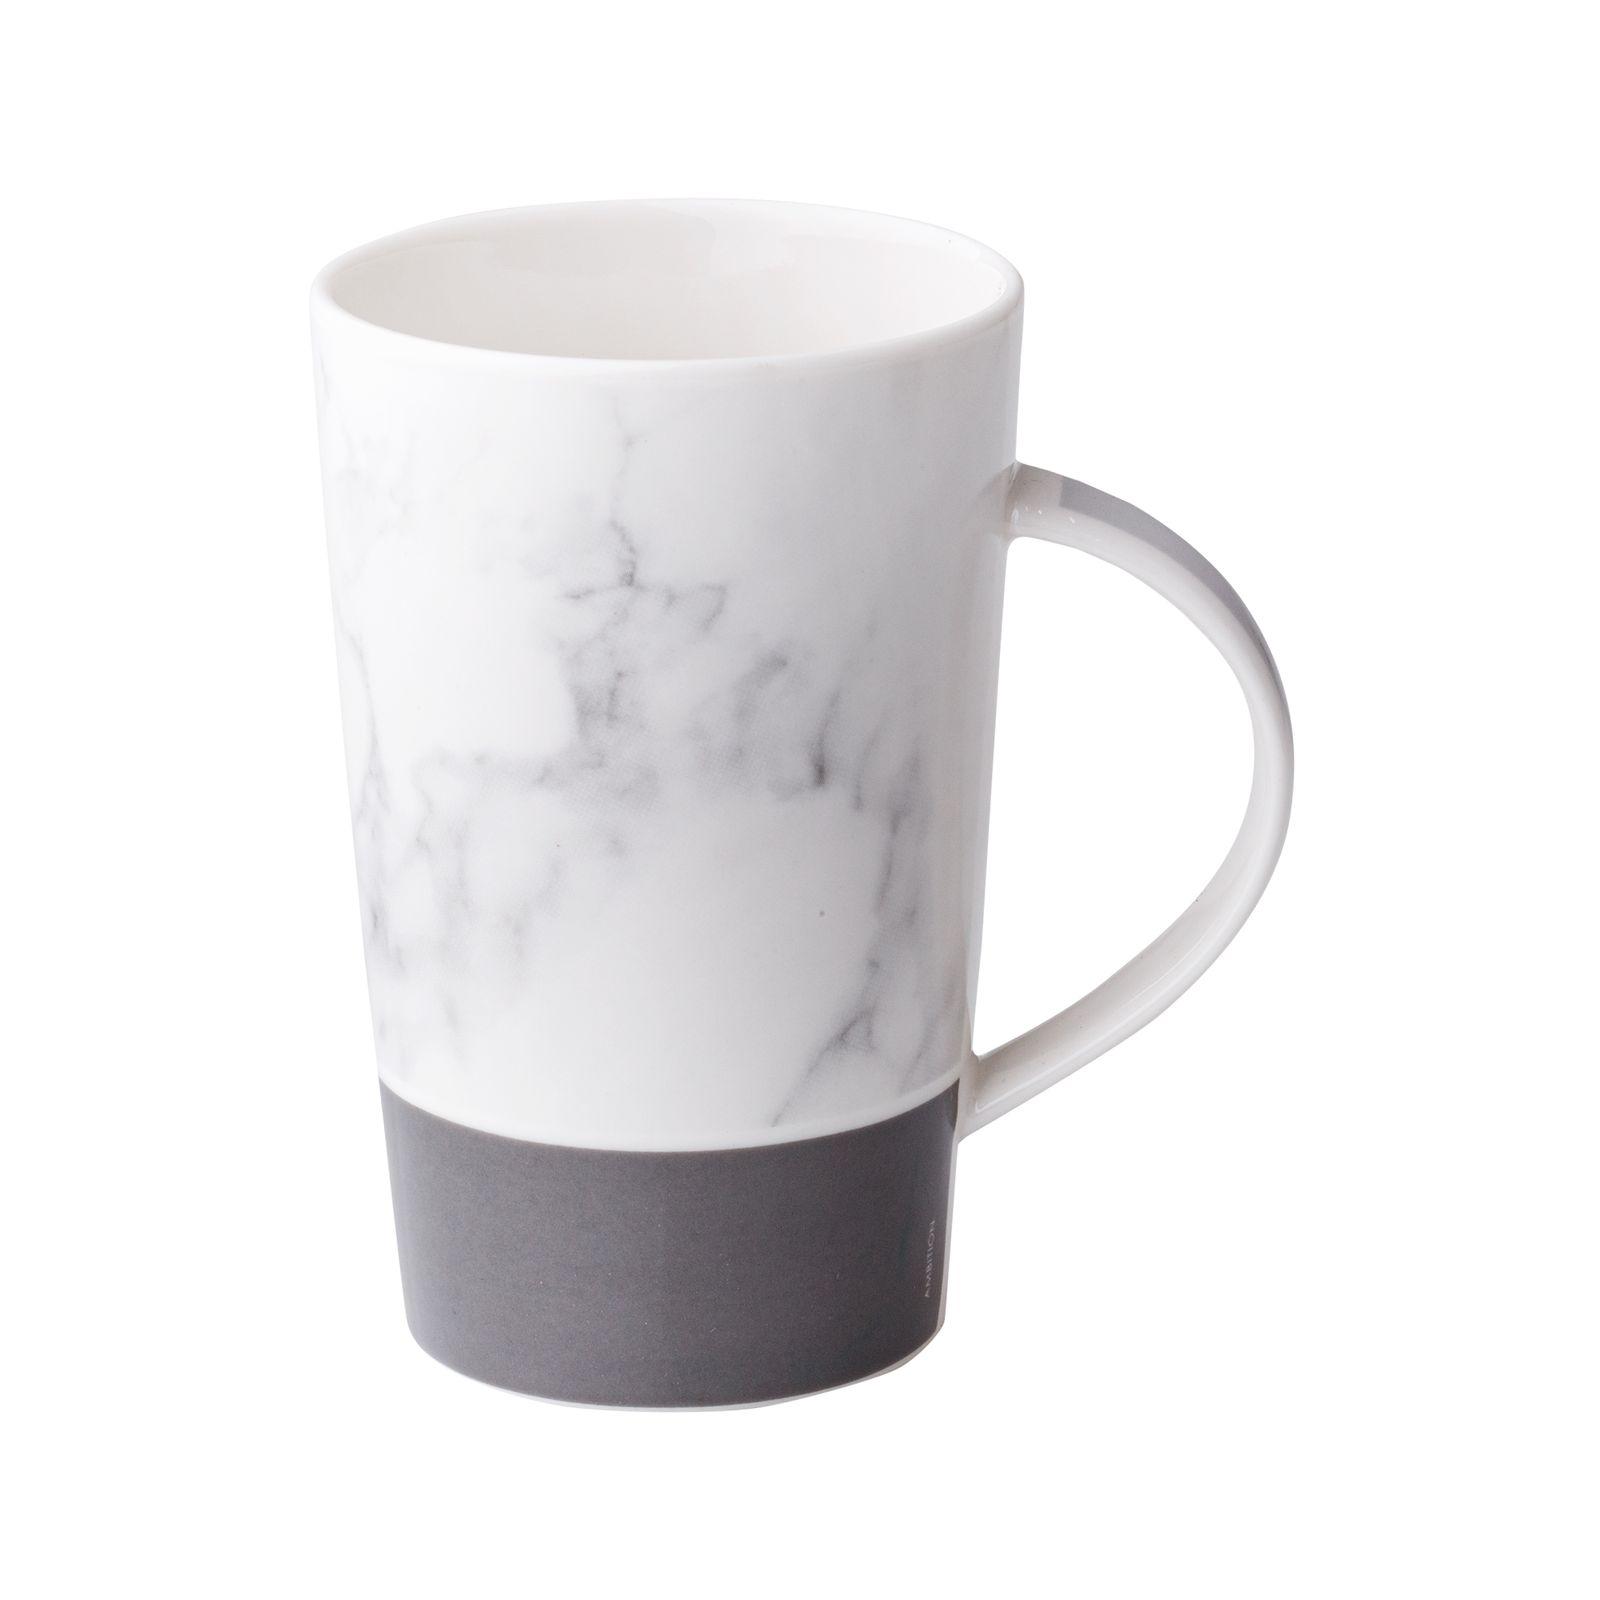 Kubek porcelanowy 430 ml Marble szary AMBITION